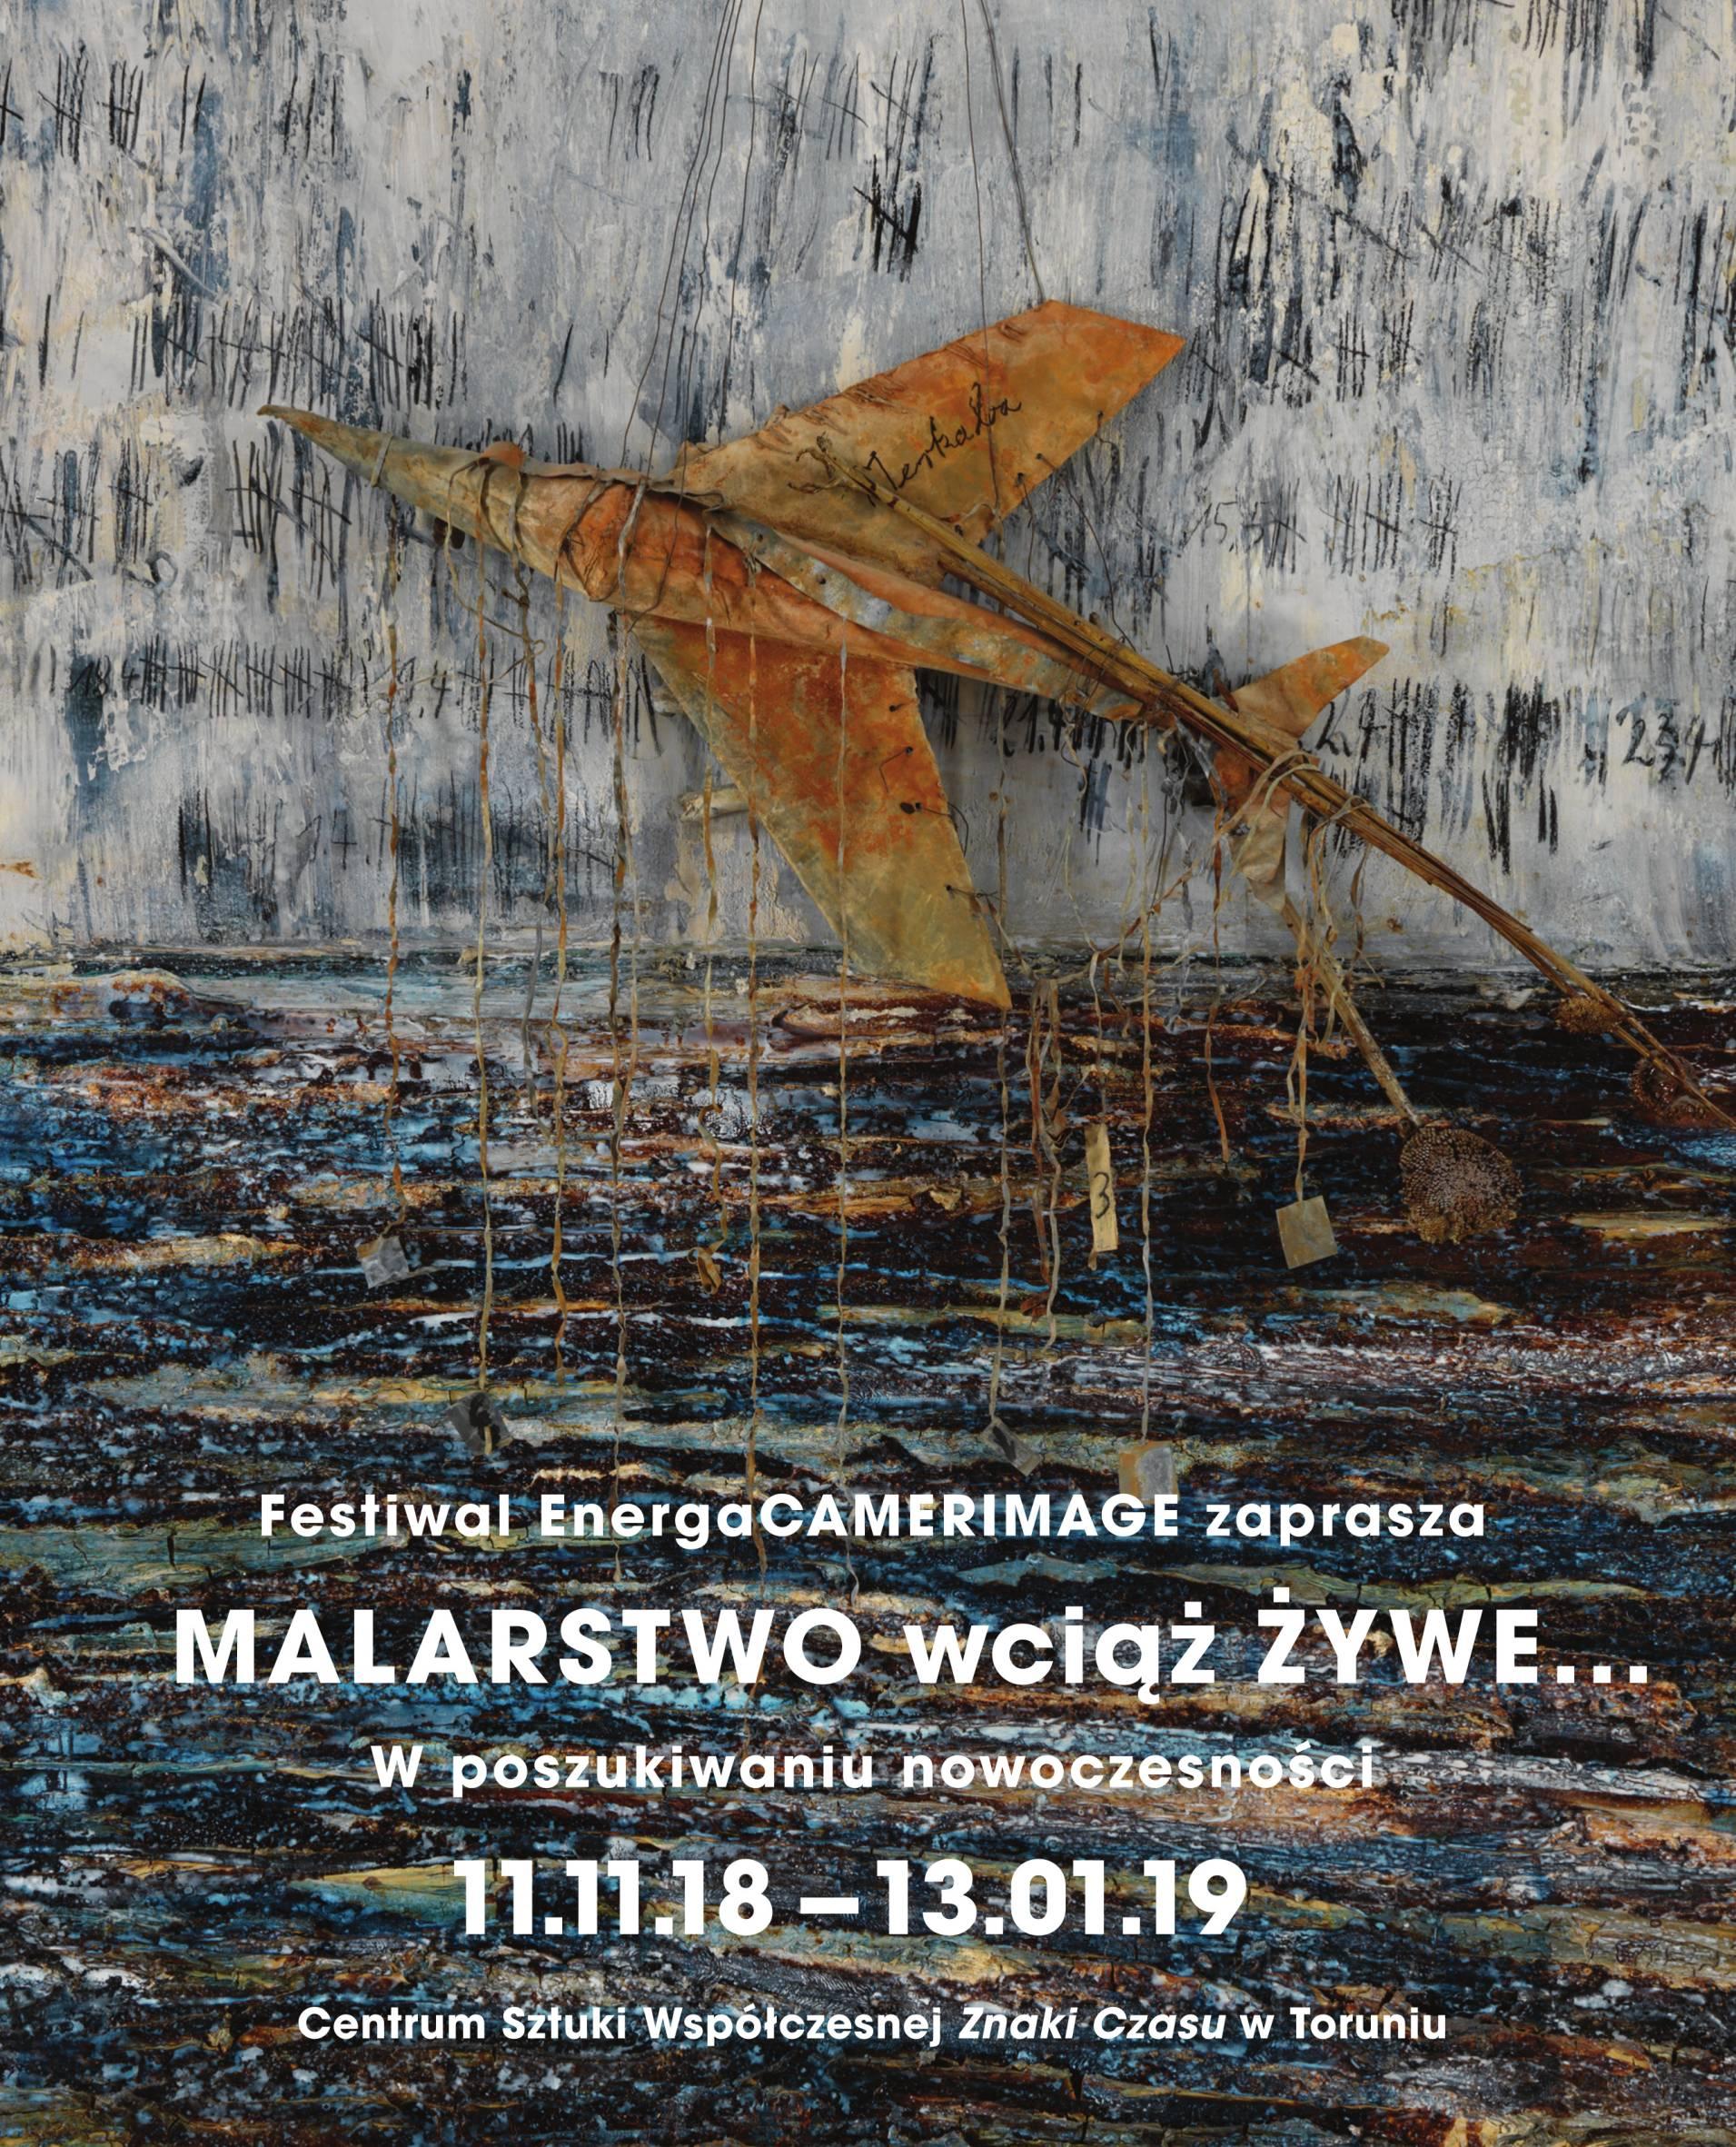 """""""Malarstwo wciąż żywe..."""" (źródło: materiały prasowe organizatora)"""